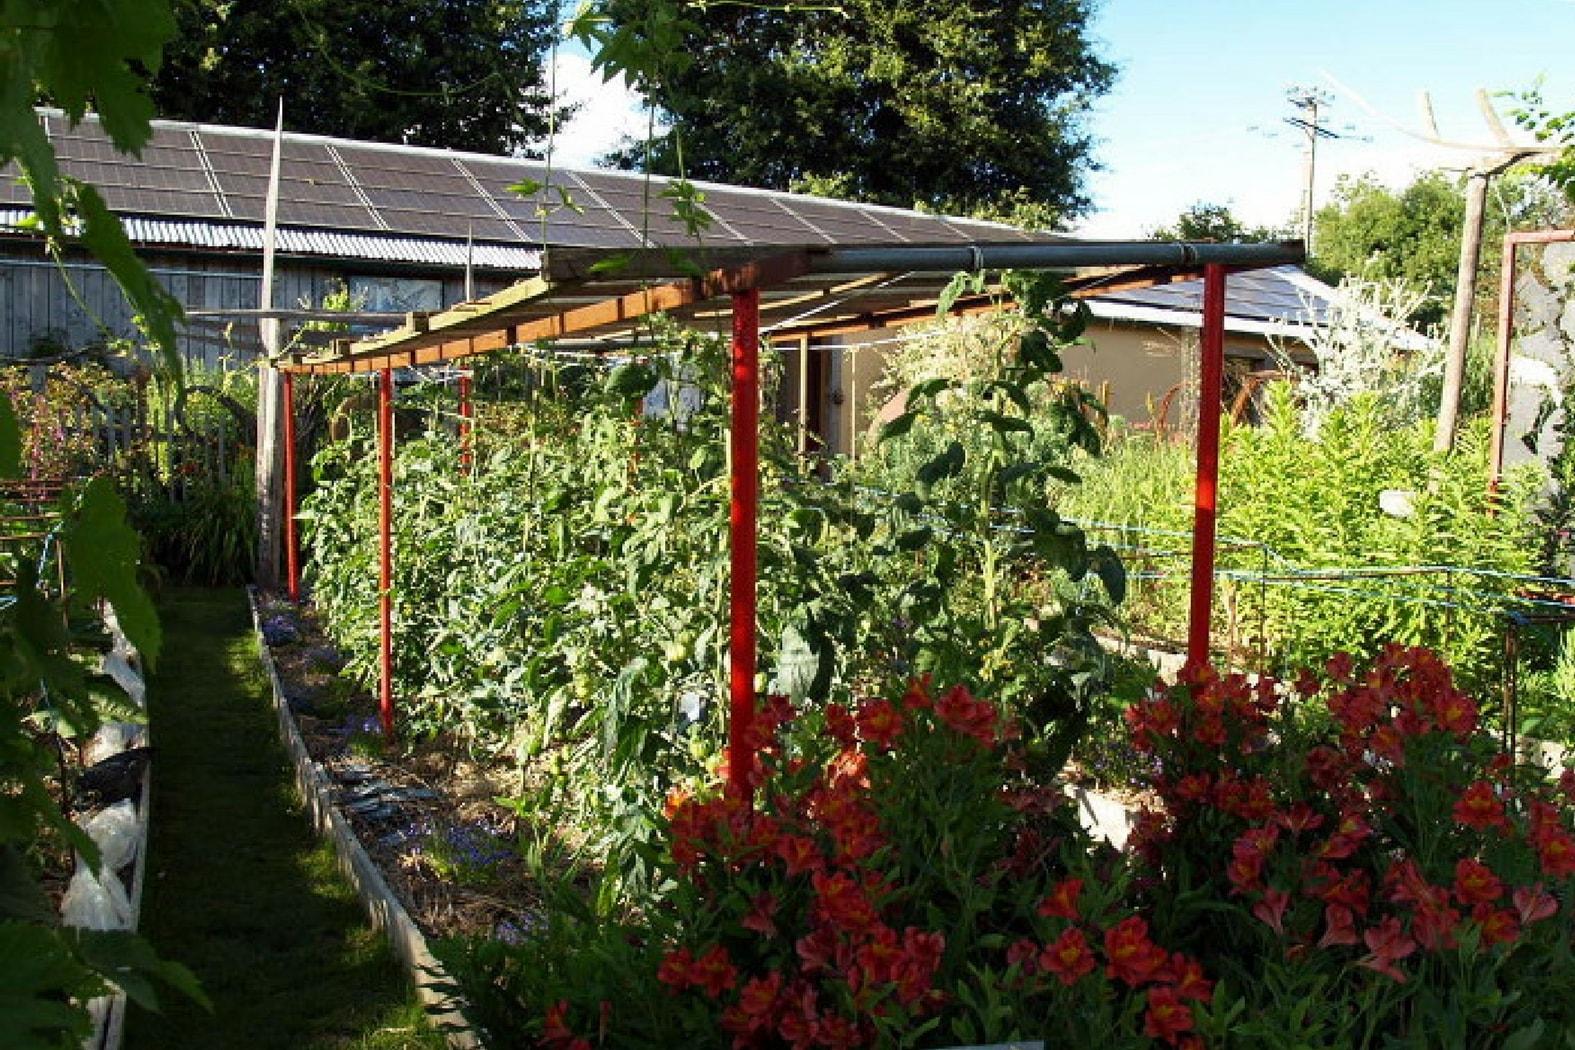 Faire ses semis de tomates maison design - Faut il couper les fleurs fanees des hortensias ...